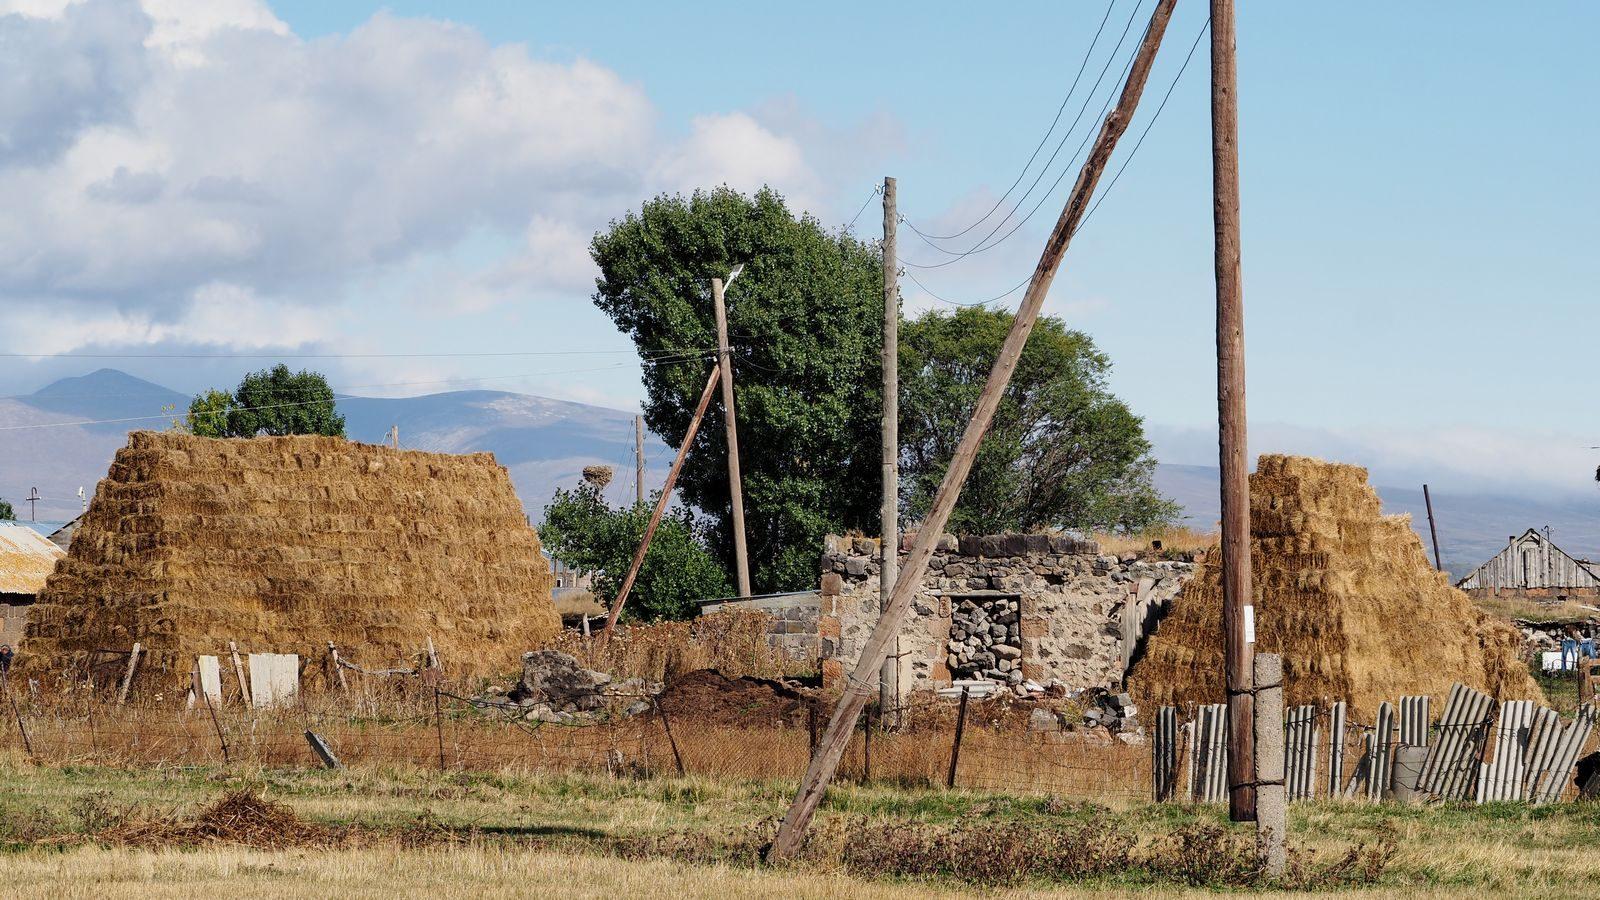 Radreise Armenien - Siedlung beim Arpi-See